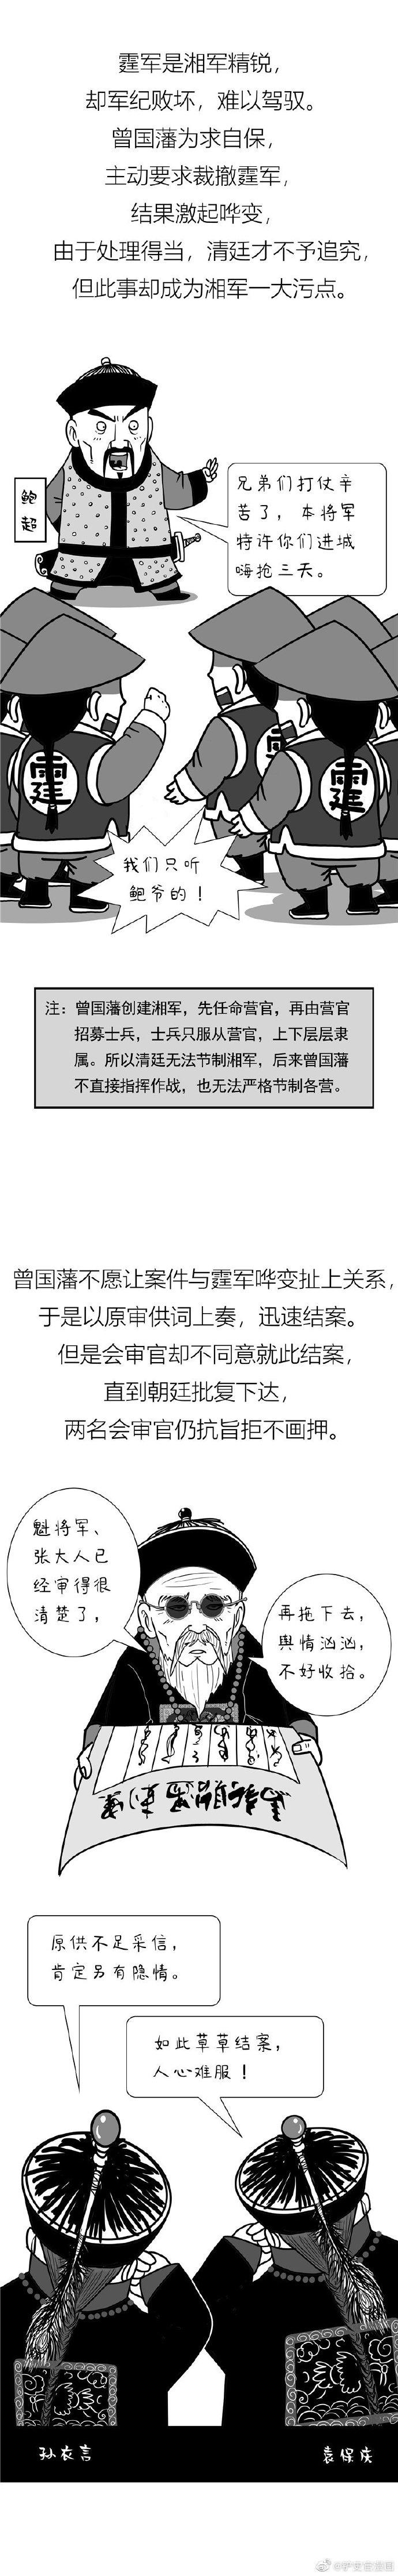 真实版《投名状》:大清总督为何遇刺?